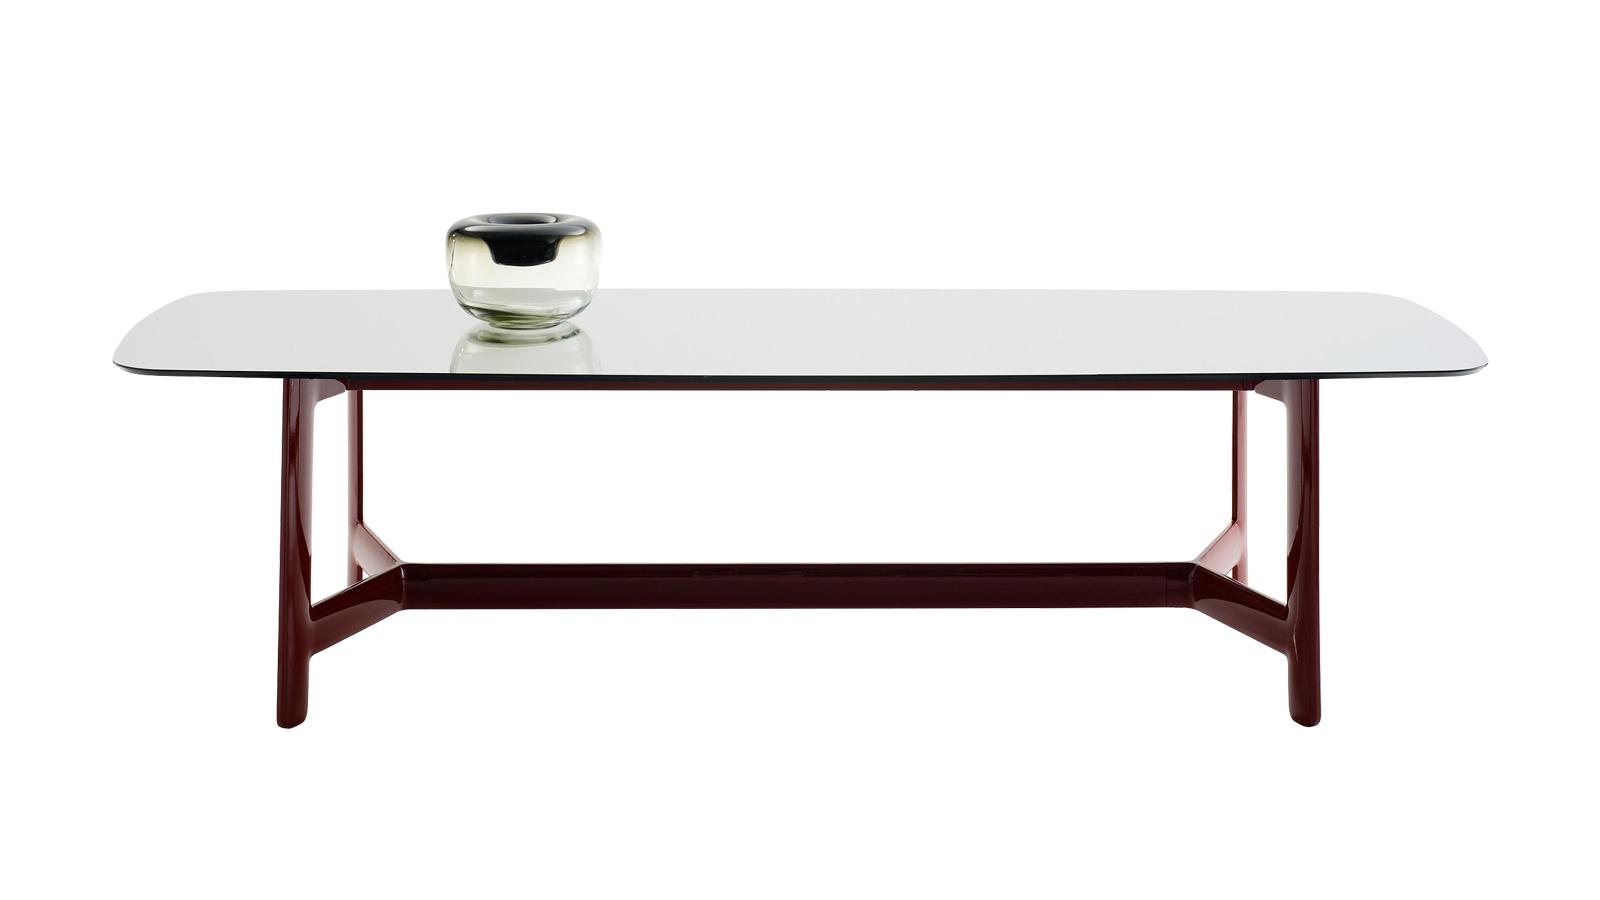 Az Alex asztal egyszerű, de erőteljes megjelenéssel bír. Az áramvonalas ívelt váz egyértelműen a modern design minimalizmusa és innovativitása mellett teszi le a voksát. Többféle méretben és anyagválasztékban, illetve forgatható étkezőtálcával is kapható.